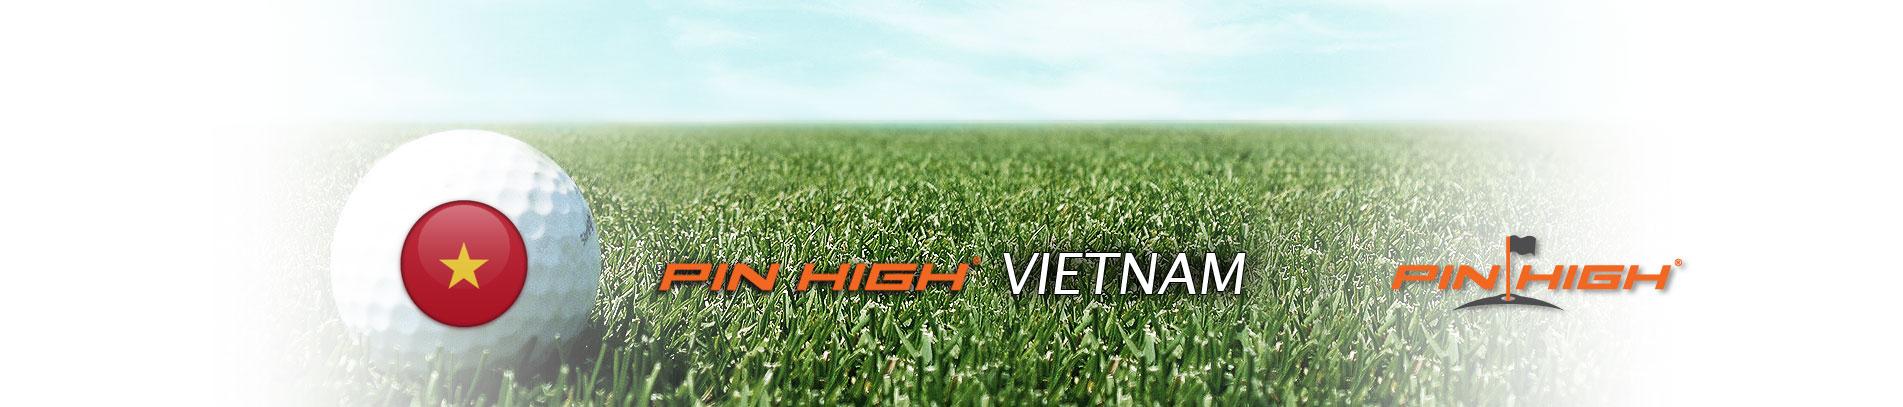 PIN HIGH VIETNAM